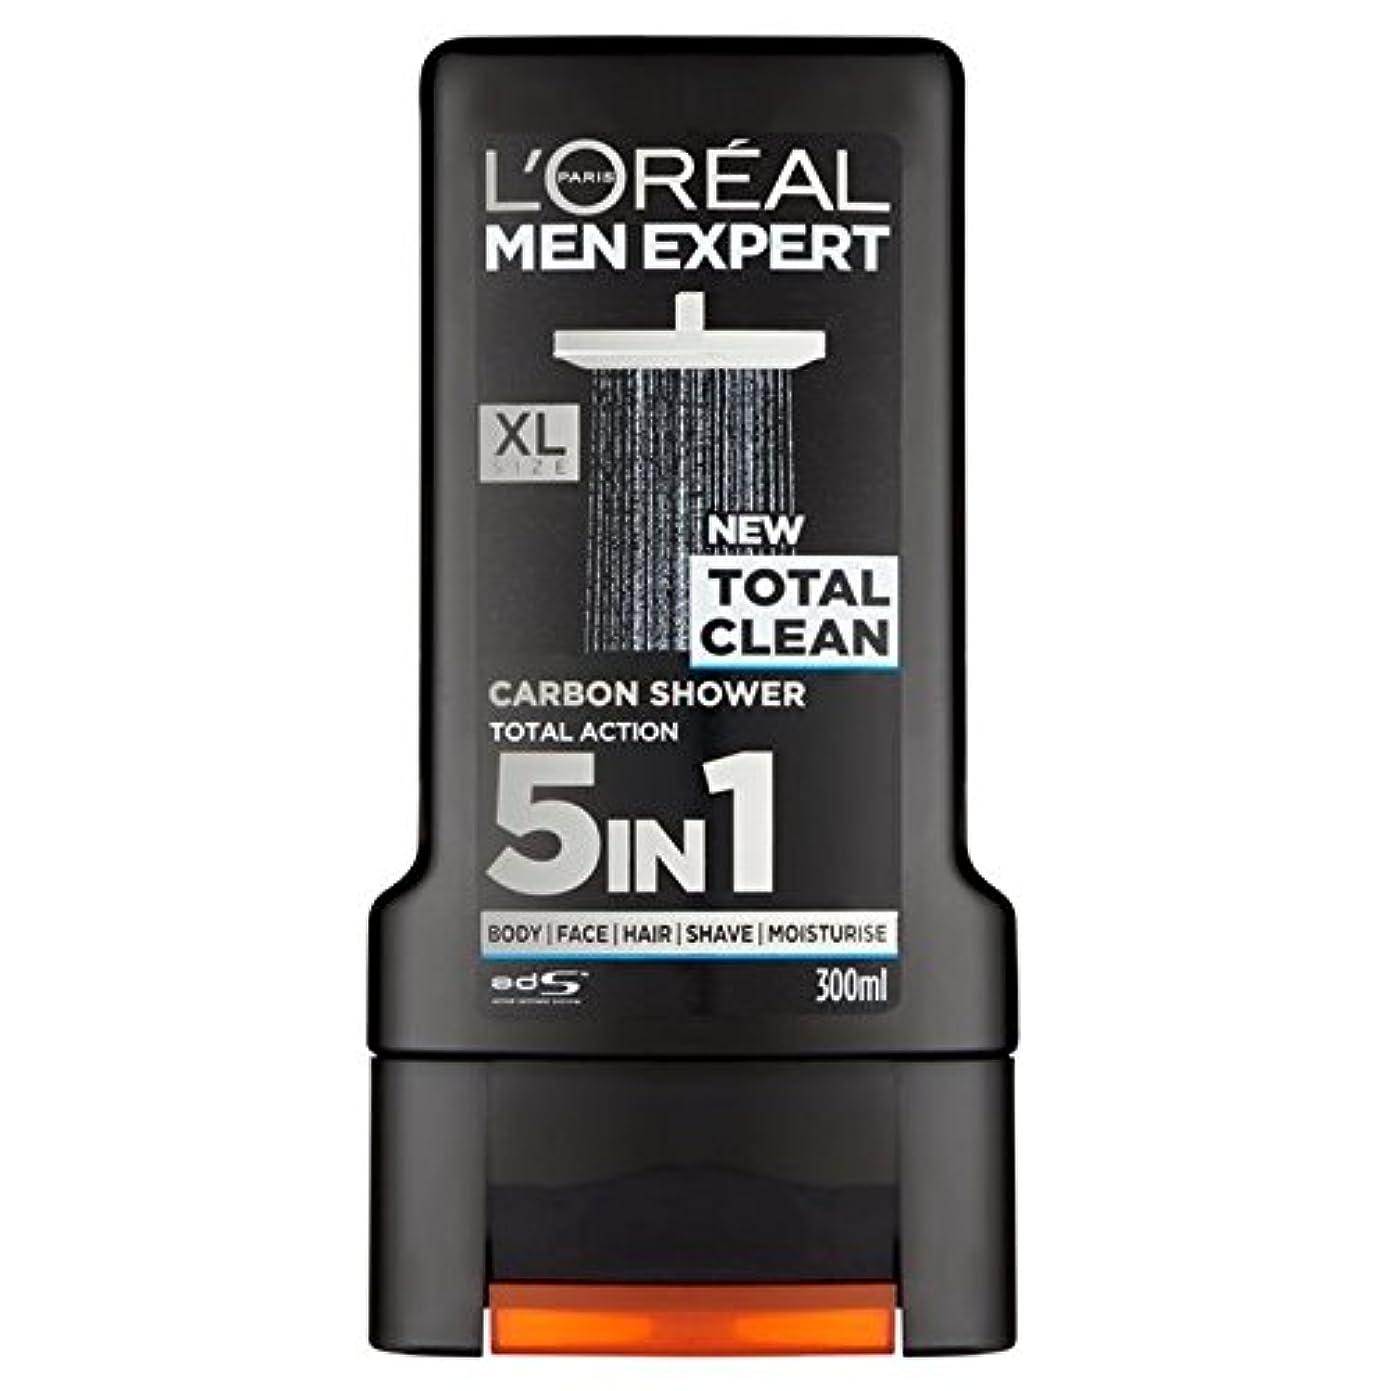 うまれた速度獣ロレアルパリのメンズ専門トータルクリーンシャワージェル300ミリリットル x2 - L'Oreal Paris Men Expert Total Clean Shower Gel 300ml (Pack of 2) [並行輸入品]